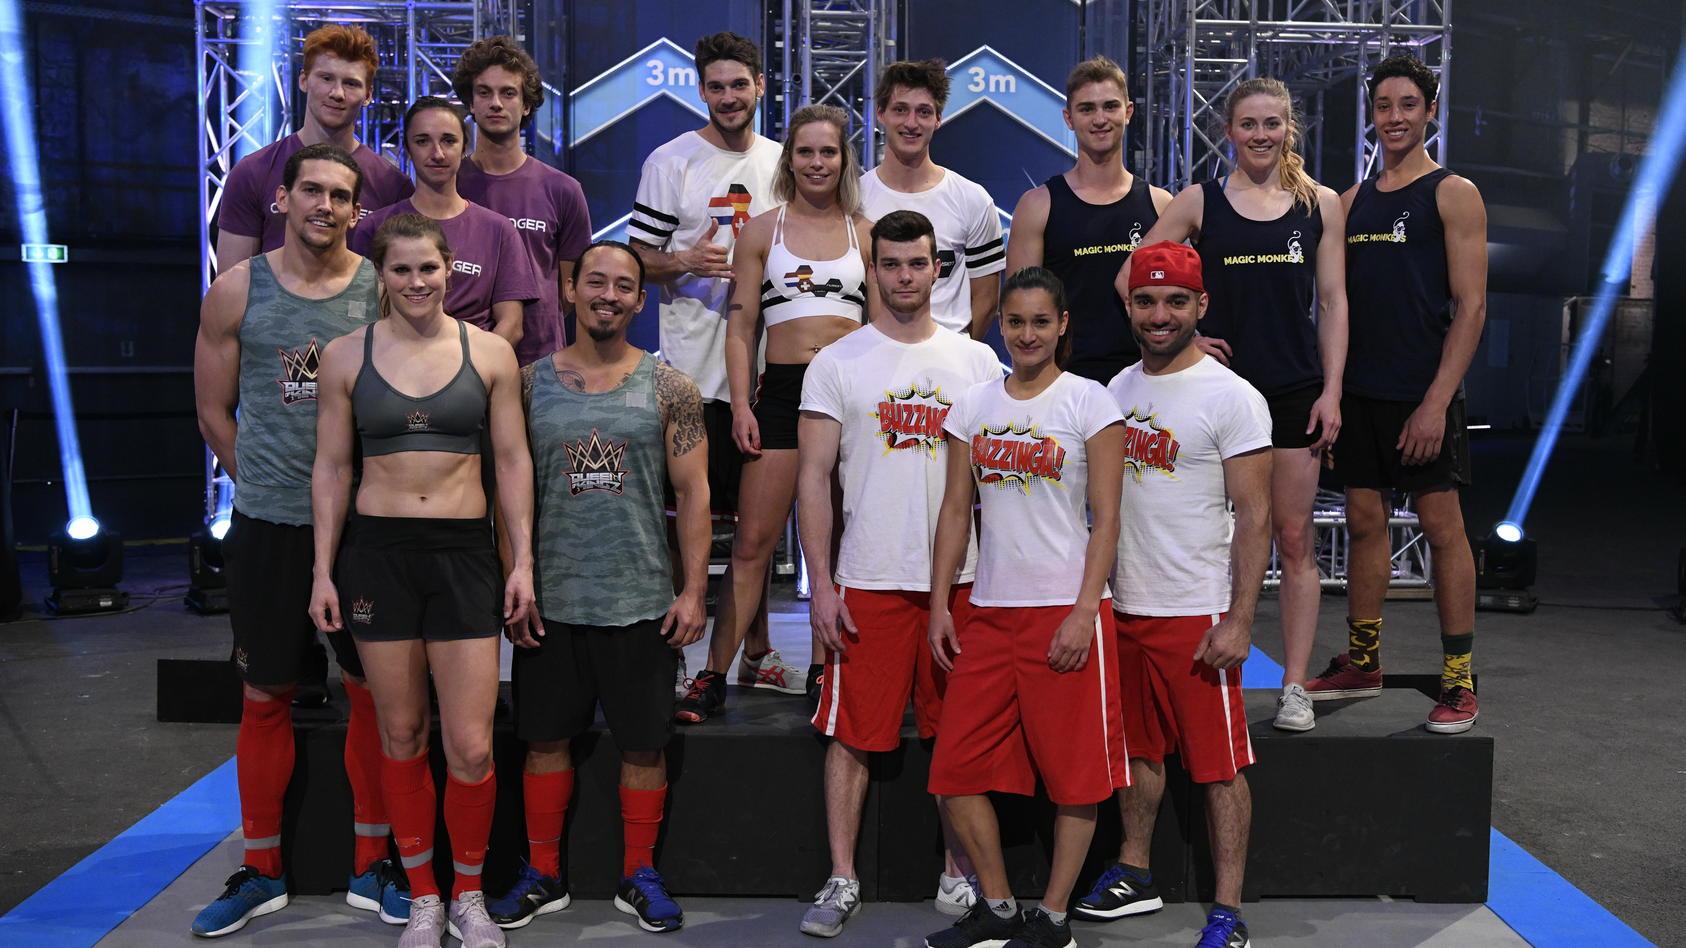 das-groe-finale-welches-team-holt-den-gesamtsieg